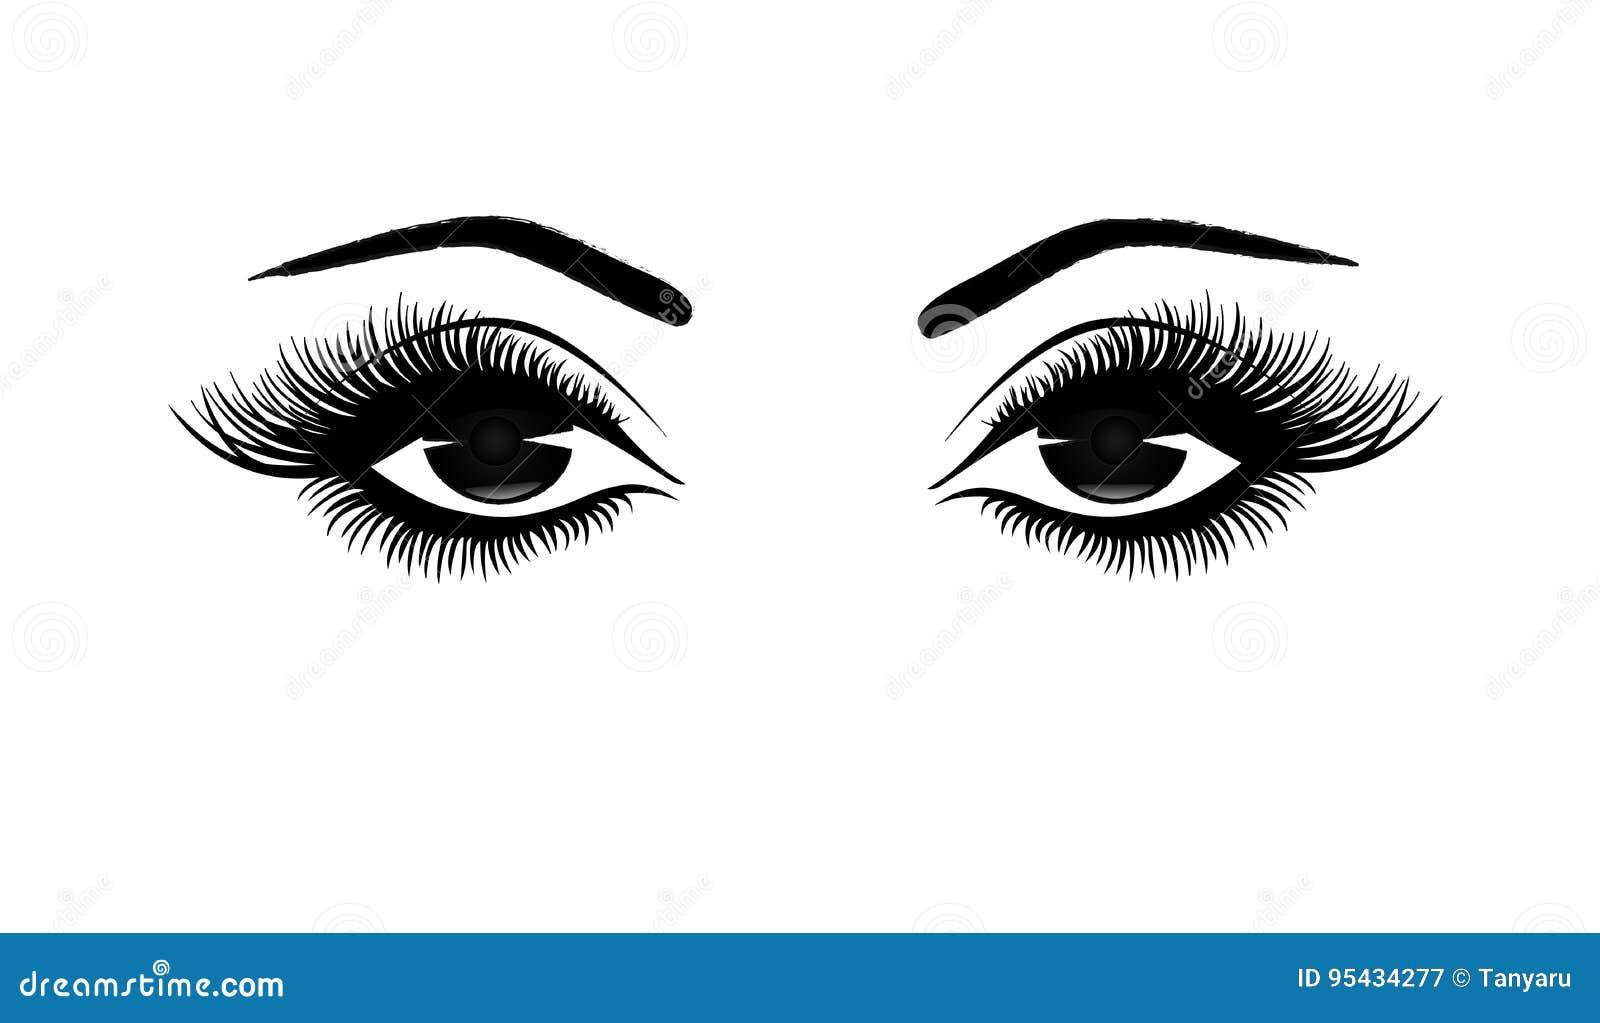 Piękny kobiety ` s przygląda się zakończenie, gęste długie rzęsy, czarny i biały wektorowa ilustracja